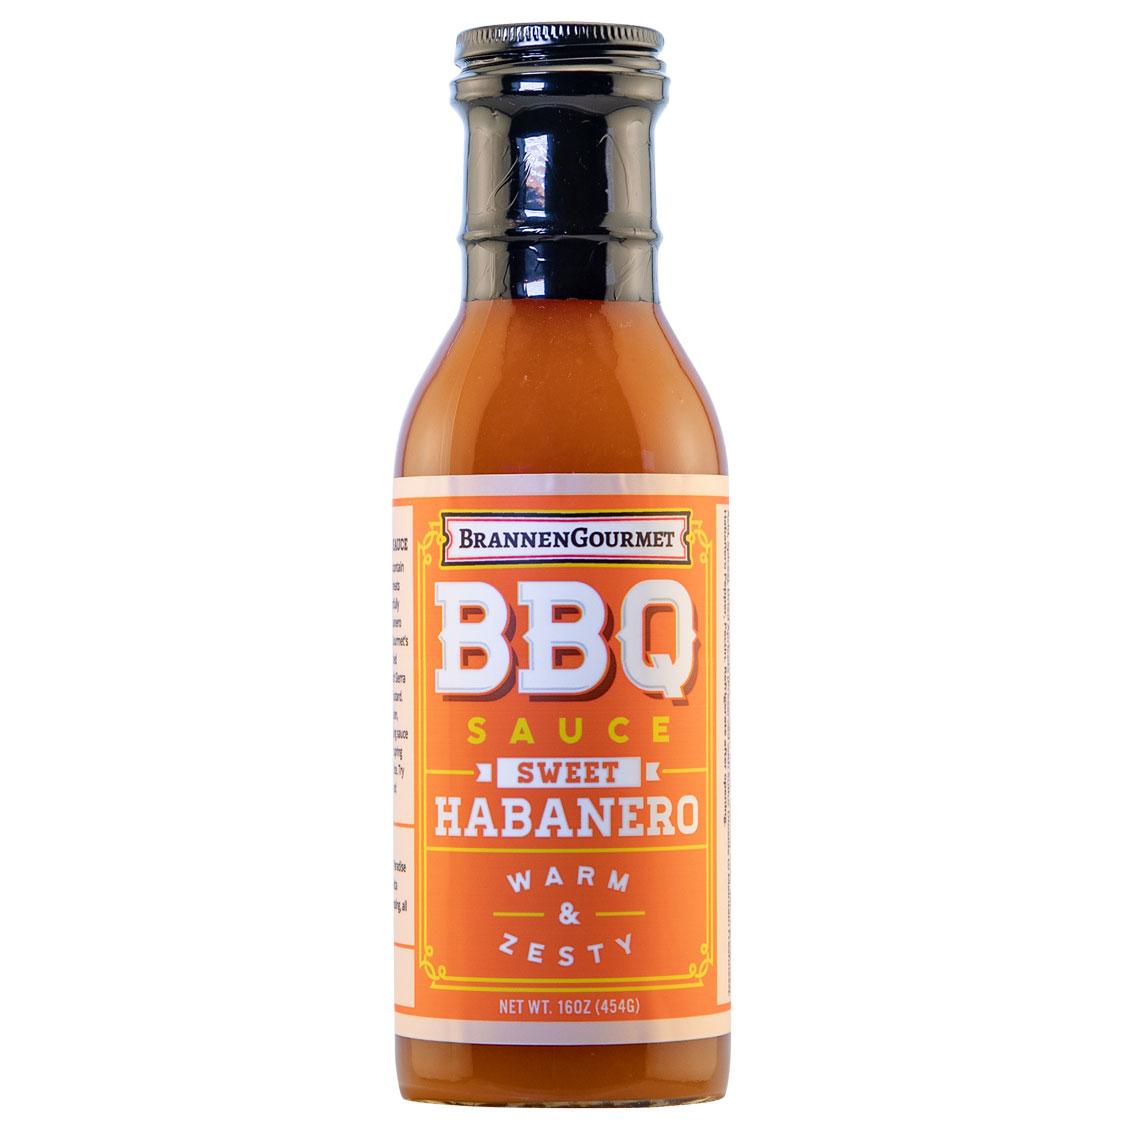 Brannen Gourmet BBQ Sauce Sweet Habanero